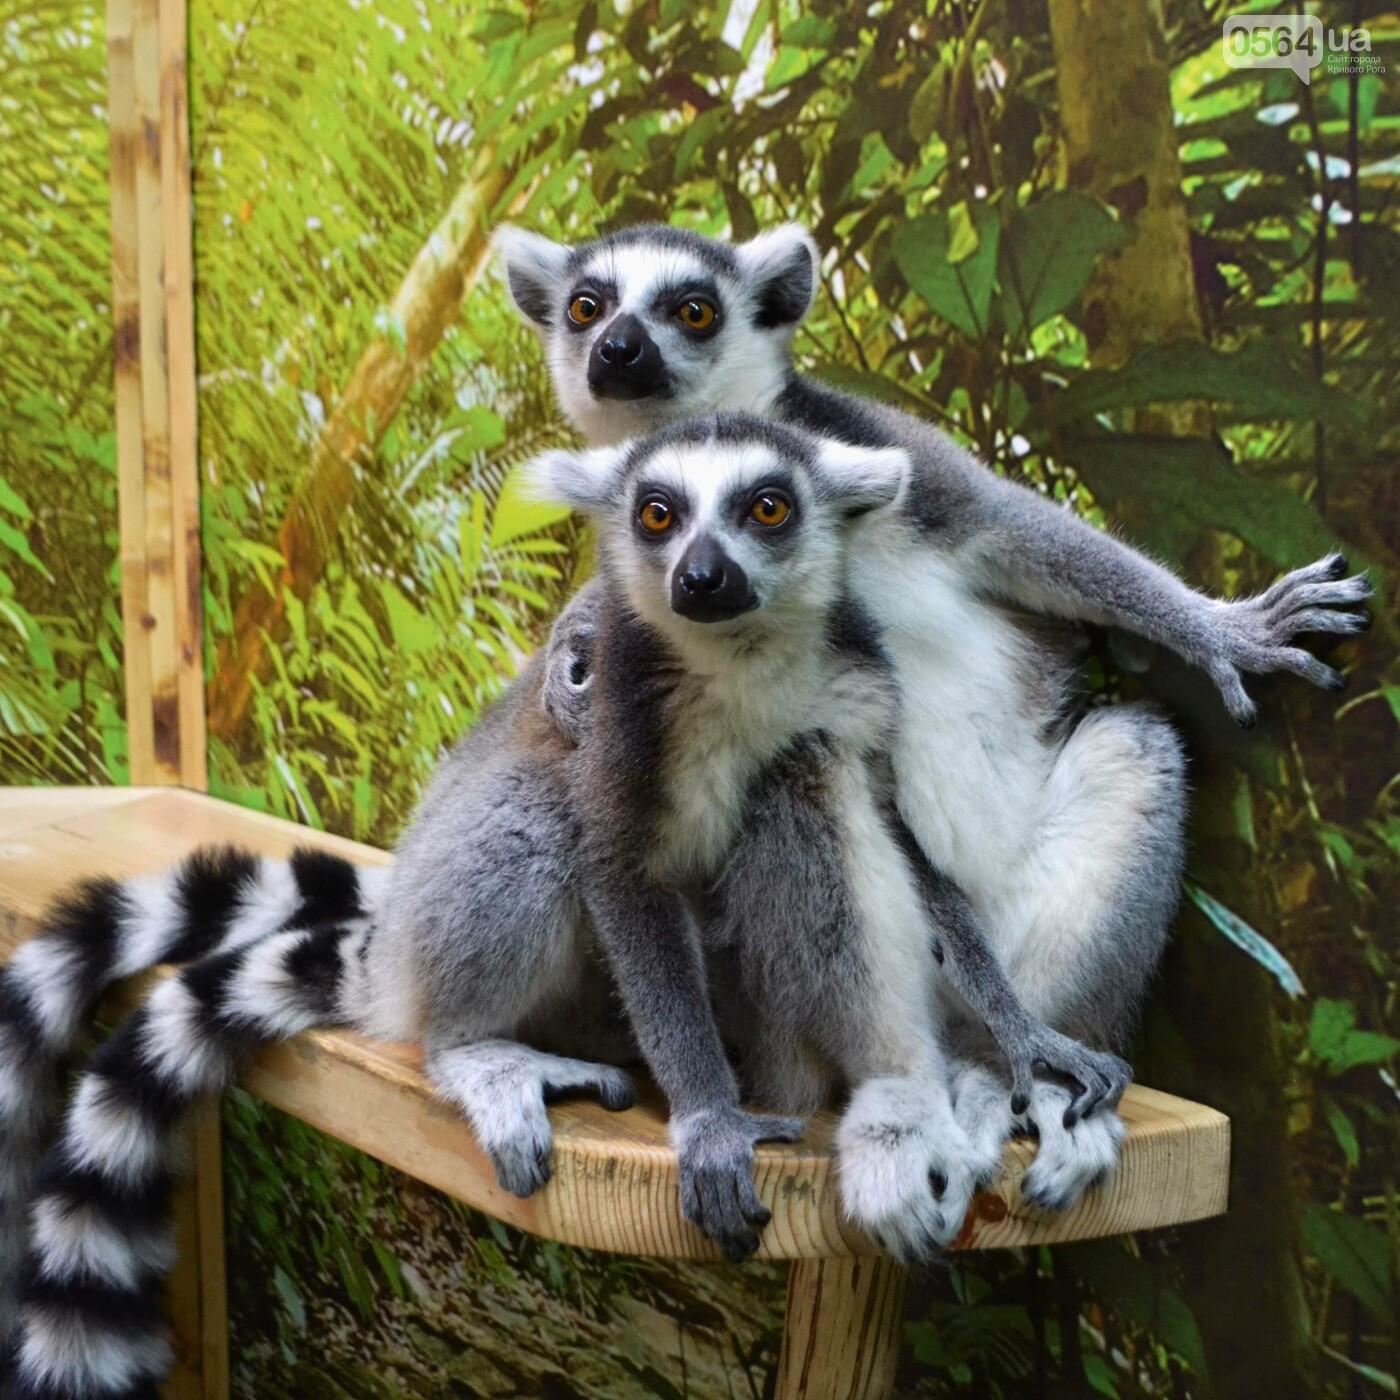 В Кривом Роге открылся первый контактный зоопарк!, фото-1